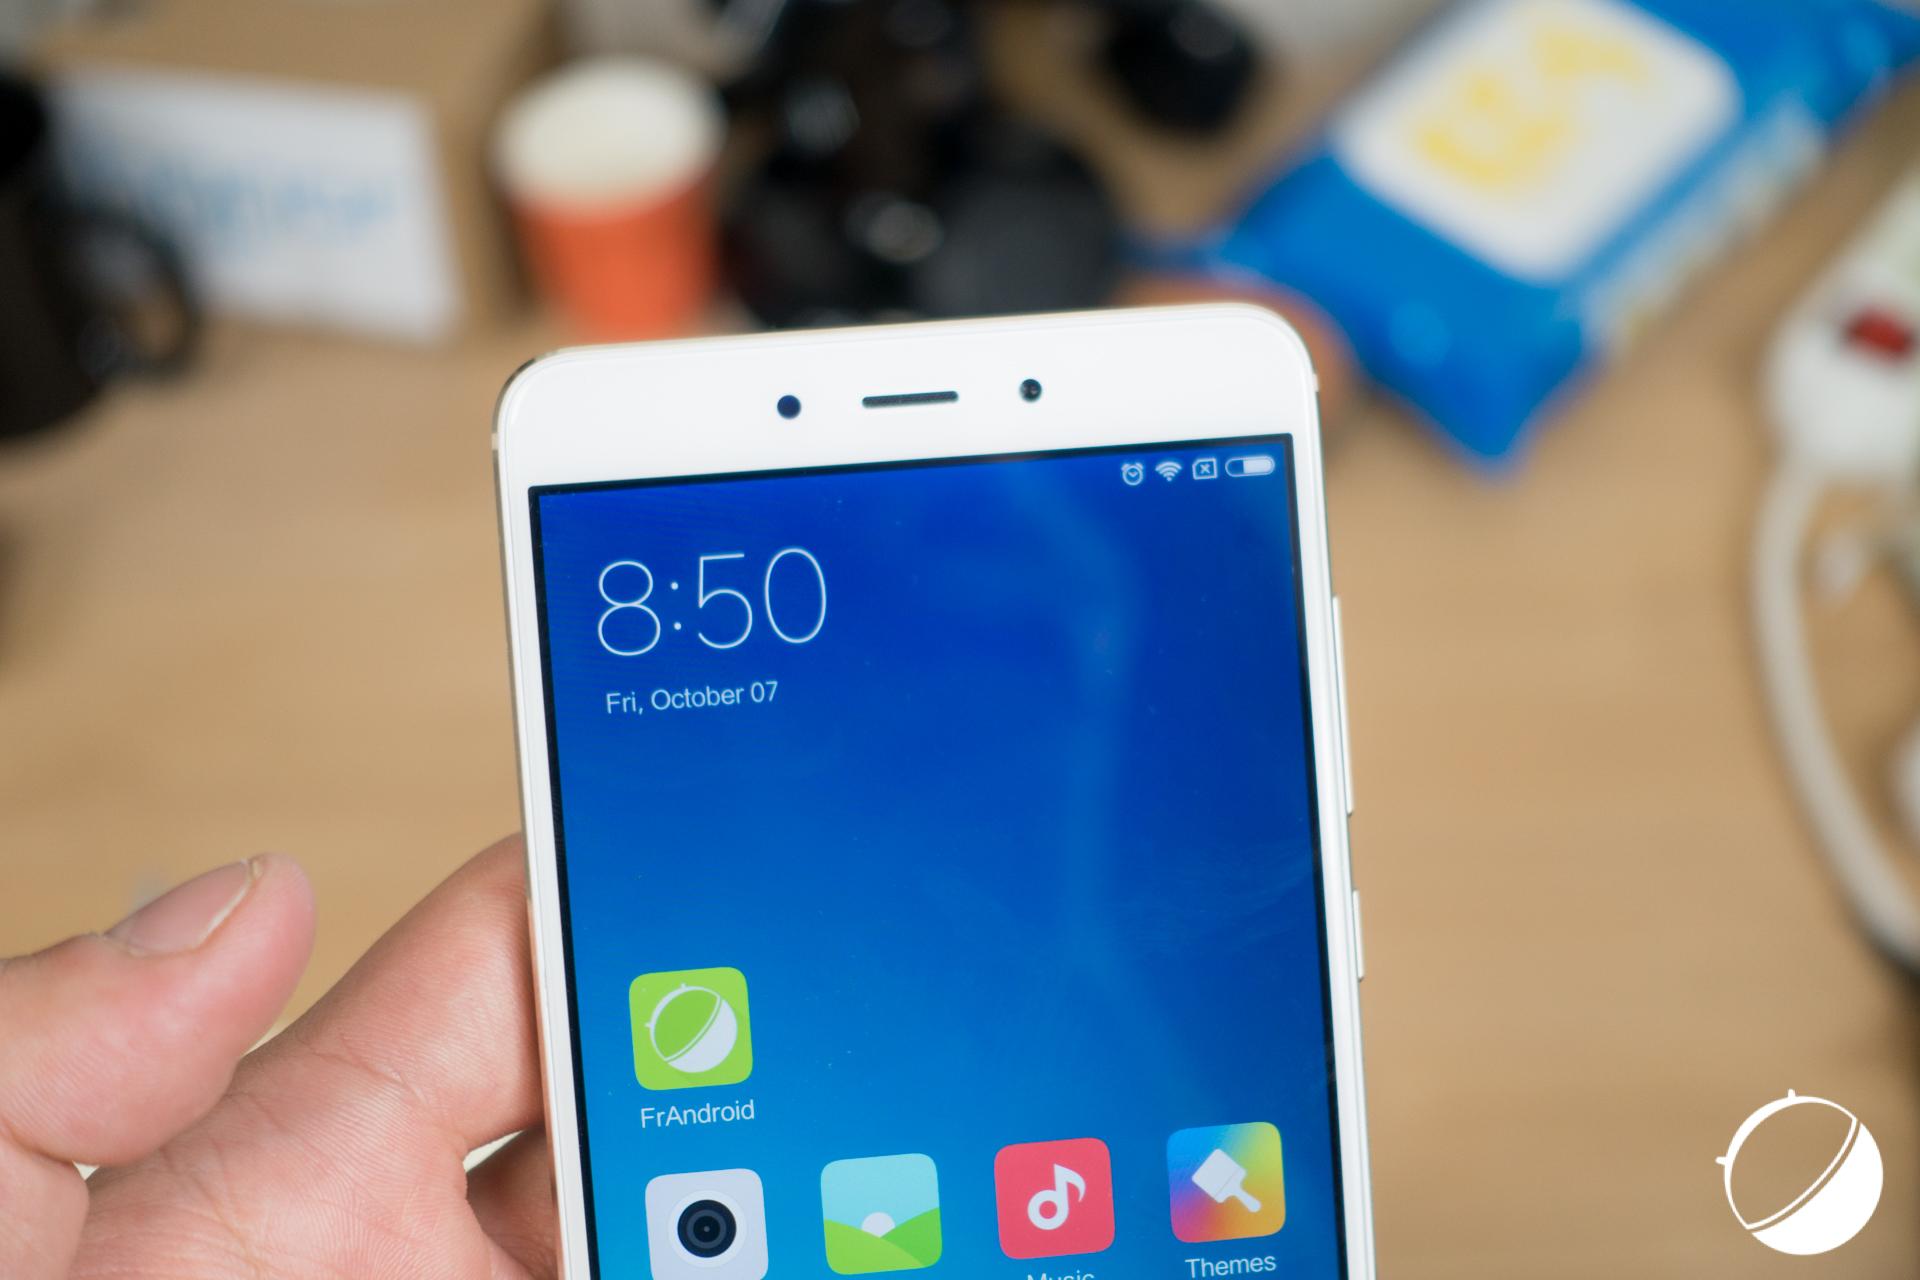 Un Developpeur Parvient A Porter Treble Sur Le Xiaomi Redmi Note 4